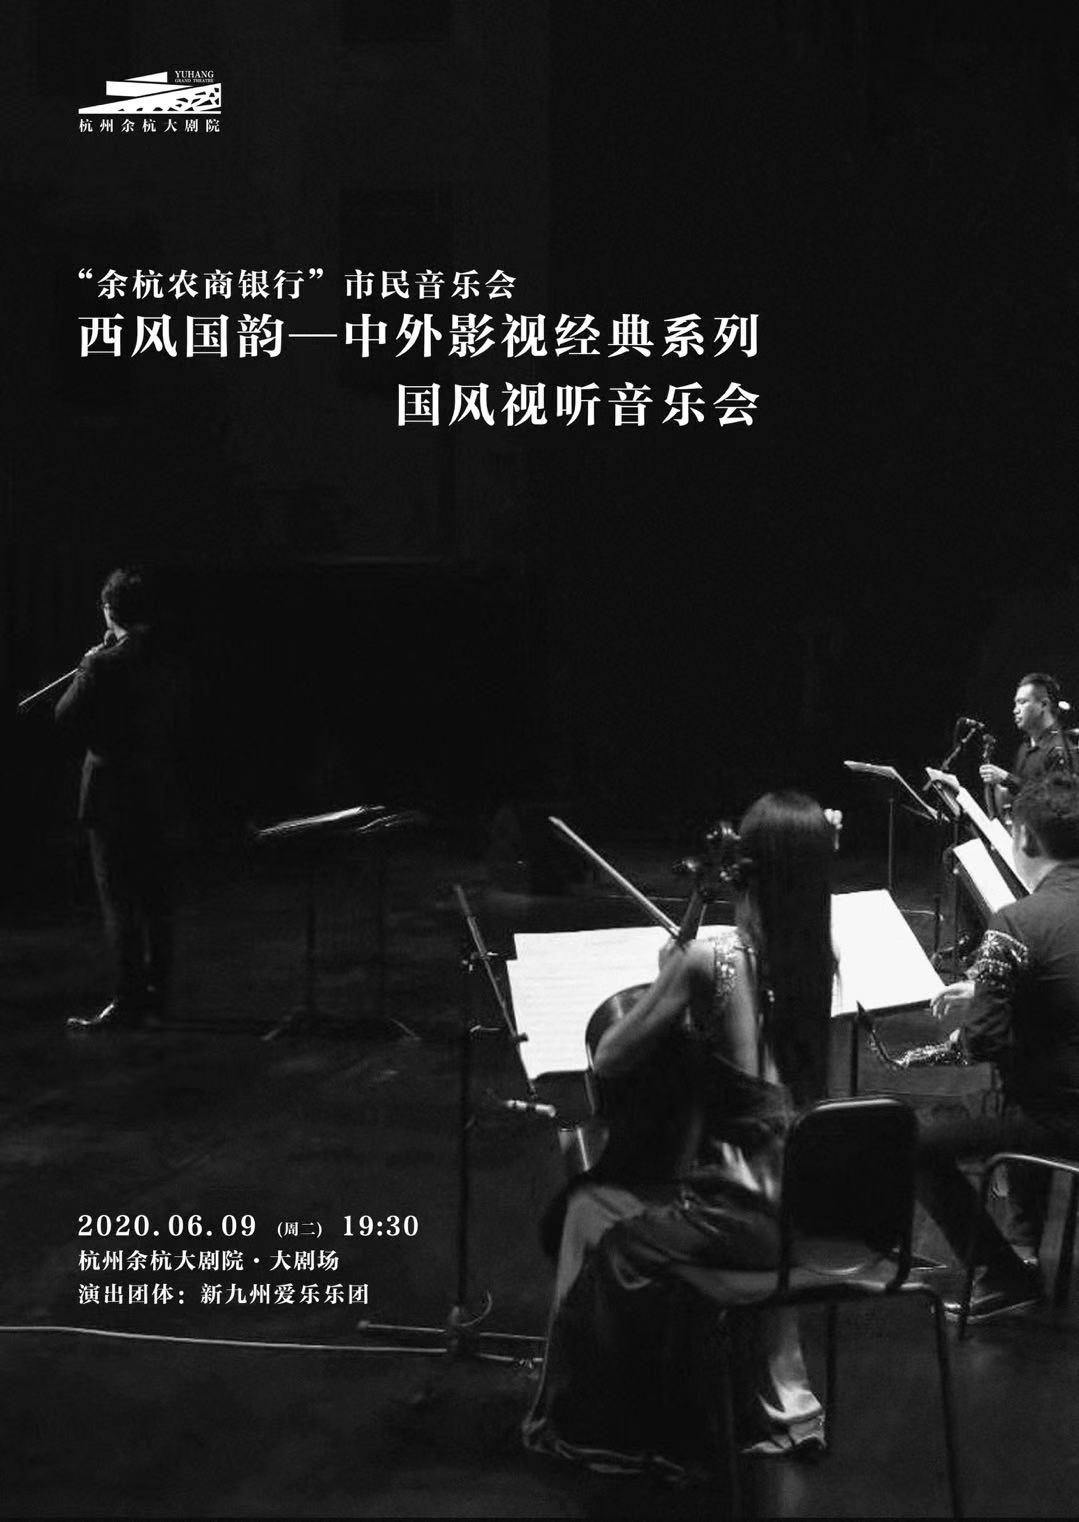 中外影视经典系列国风视听音乐会杭州站